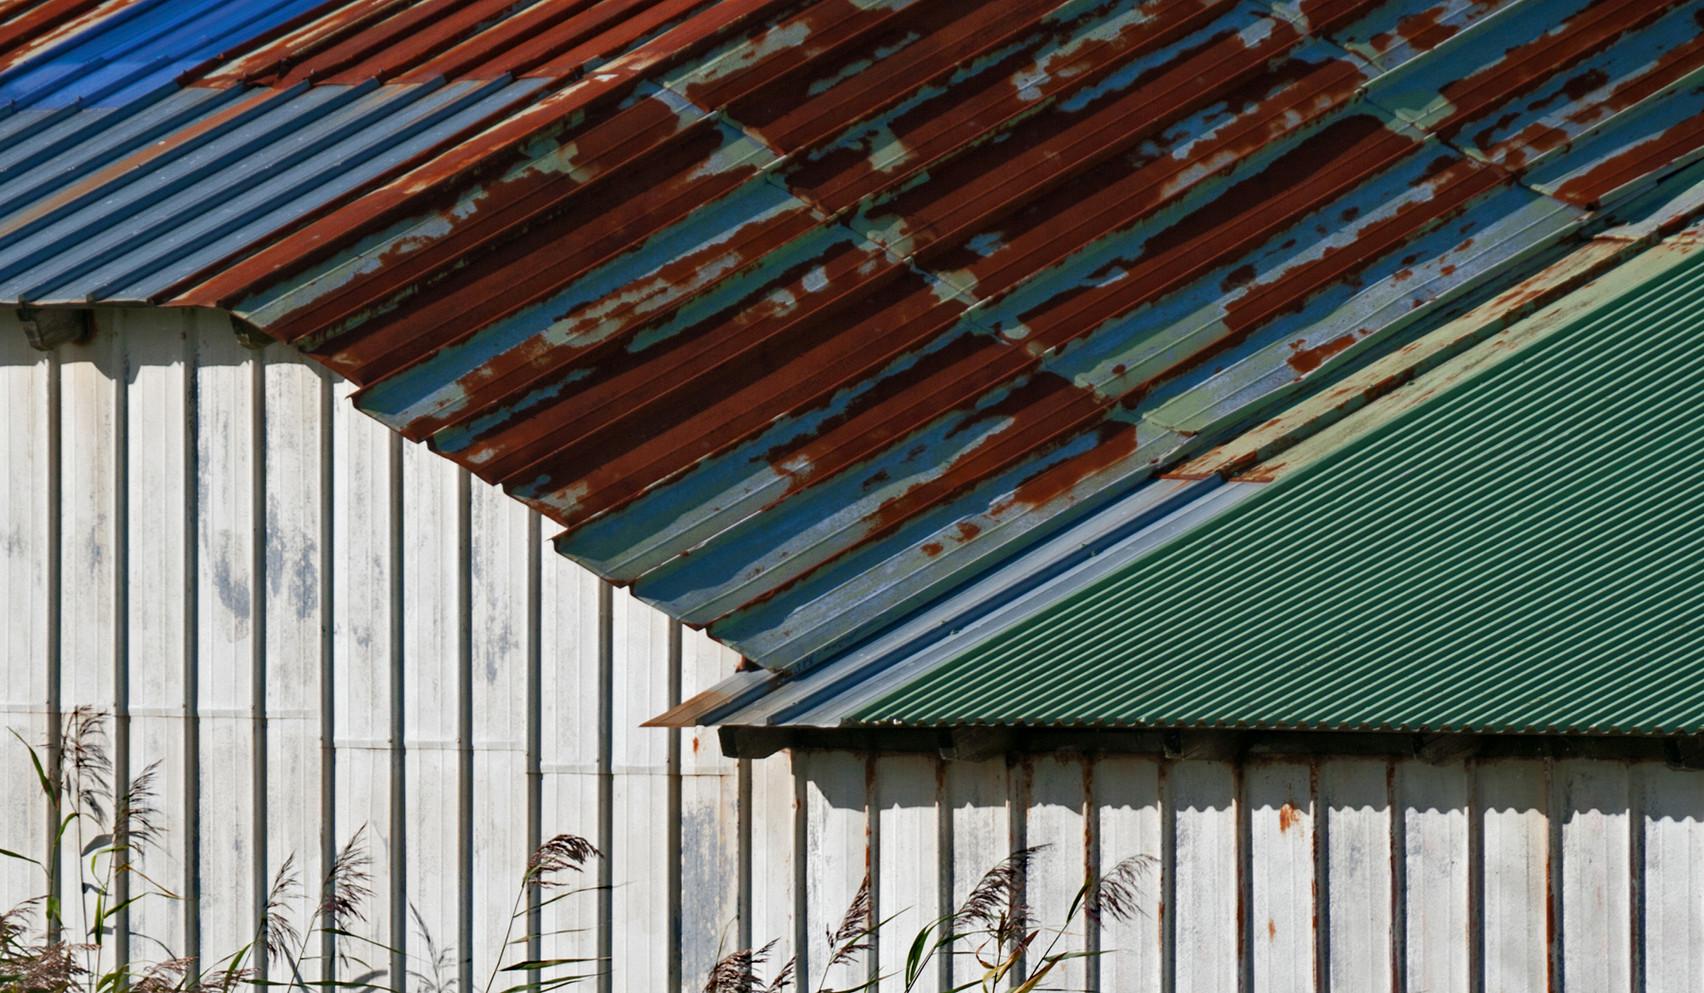 Linien, Dächer, Materialien